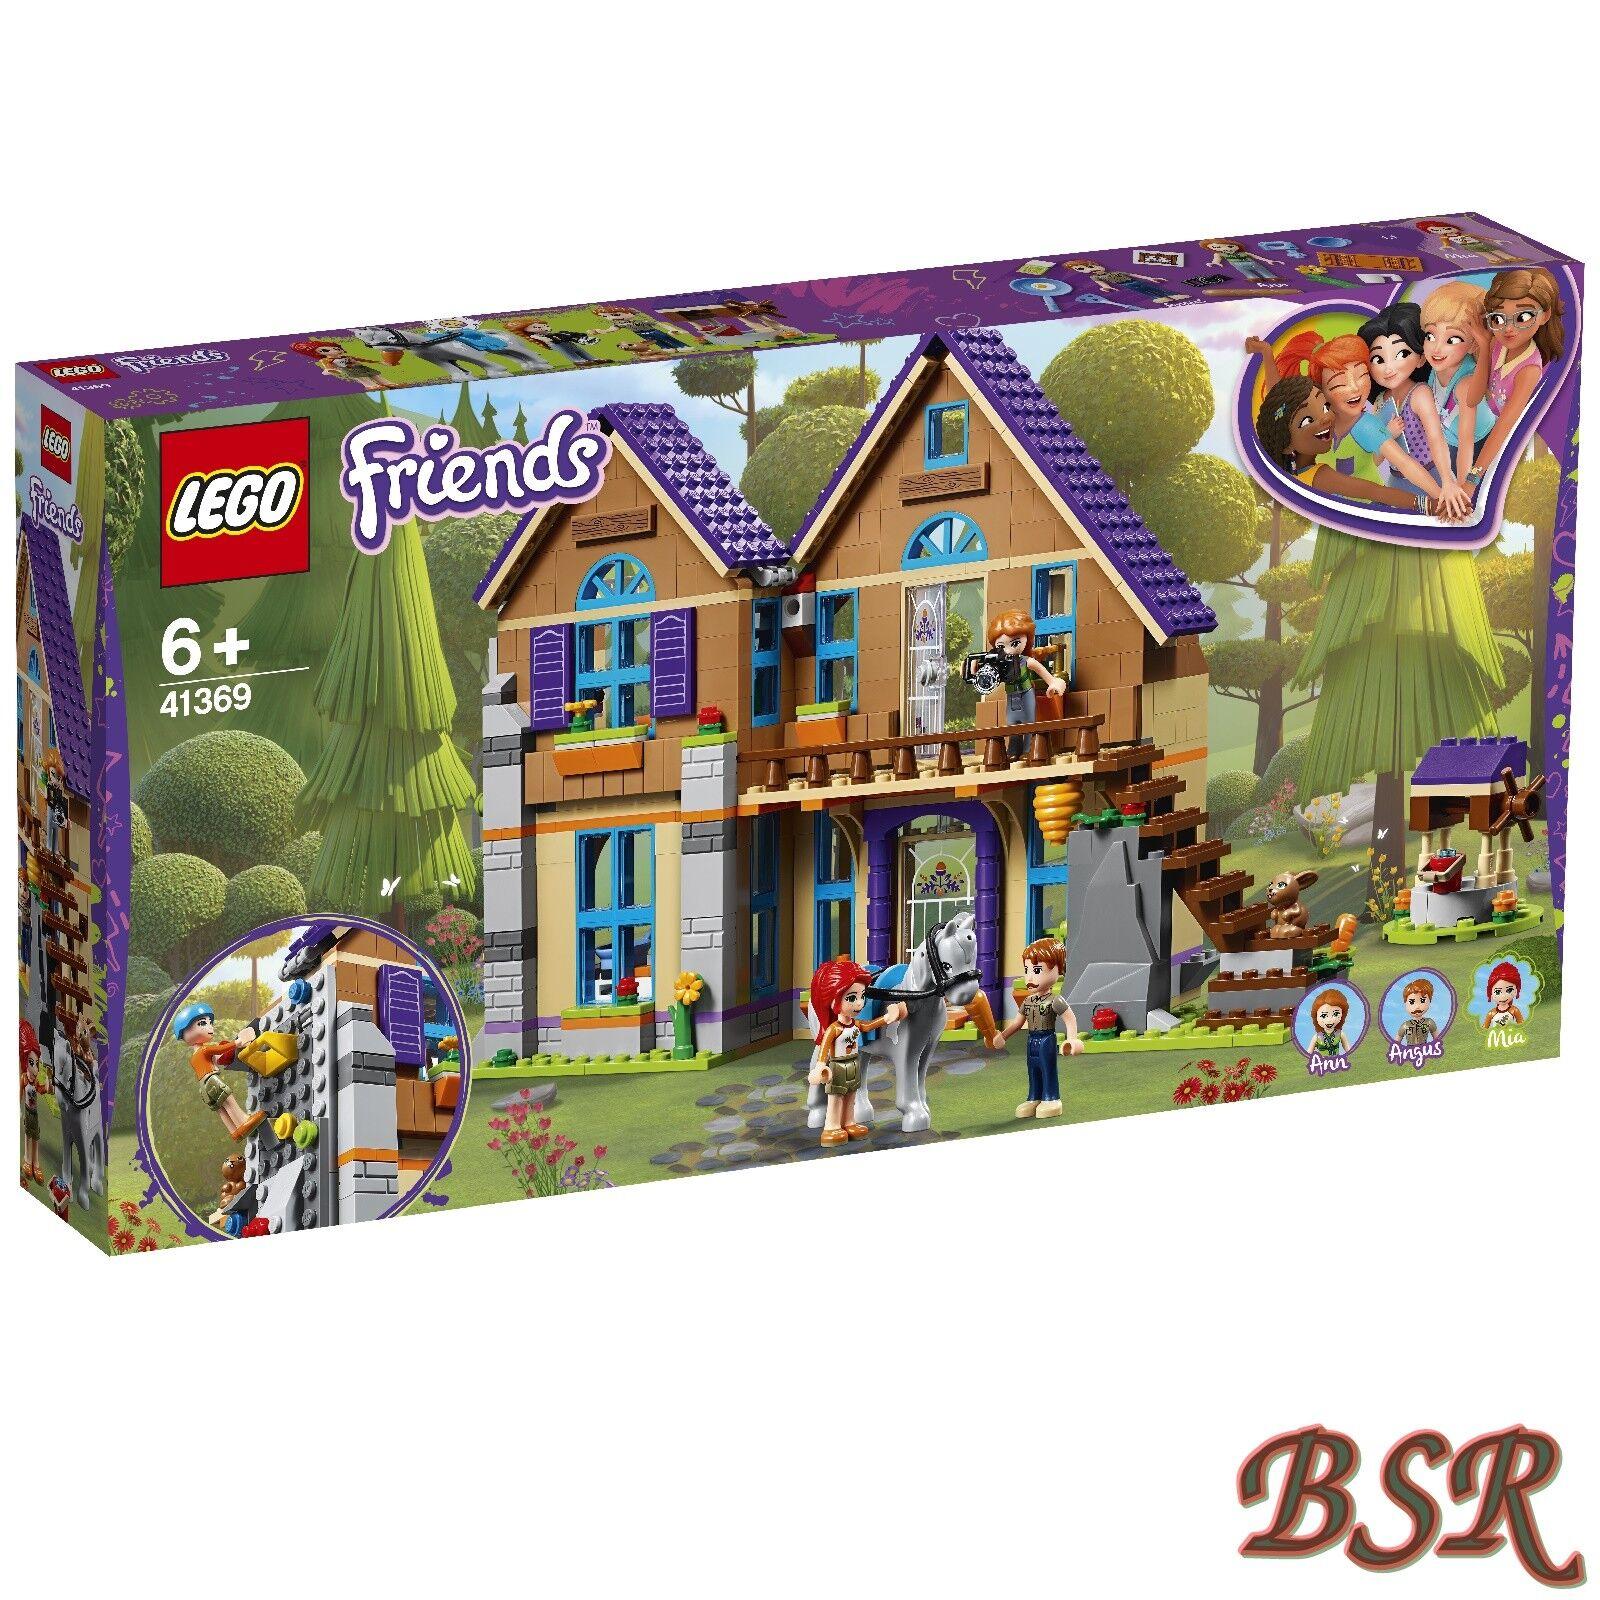 LEGO ® Friends  41369 Mias MAISON AVEC CHEVAL & 0. - expédition & NOUVEAU & NEUF dans sa boîte